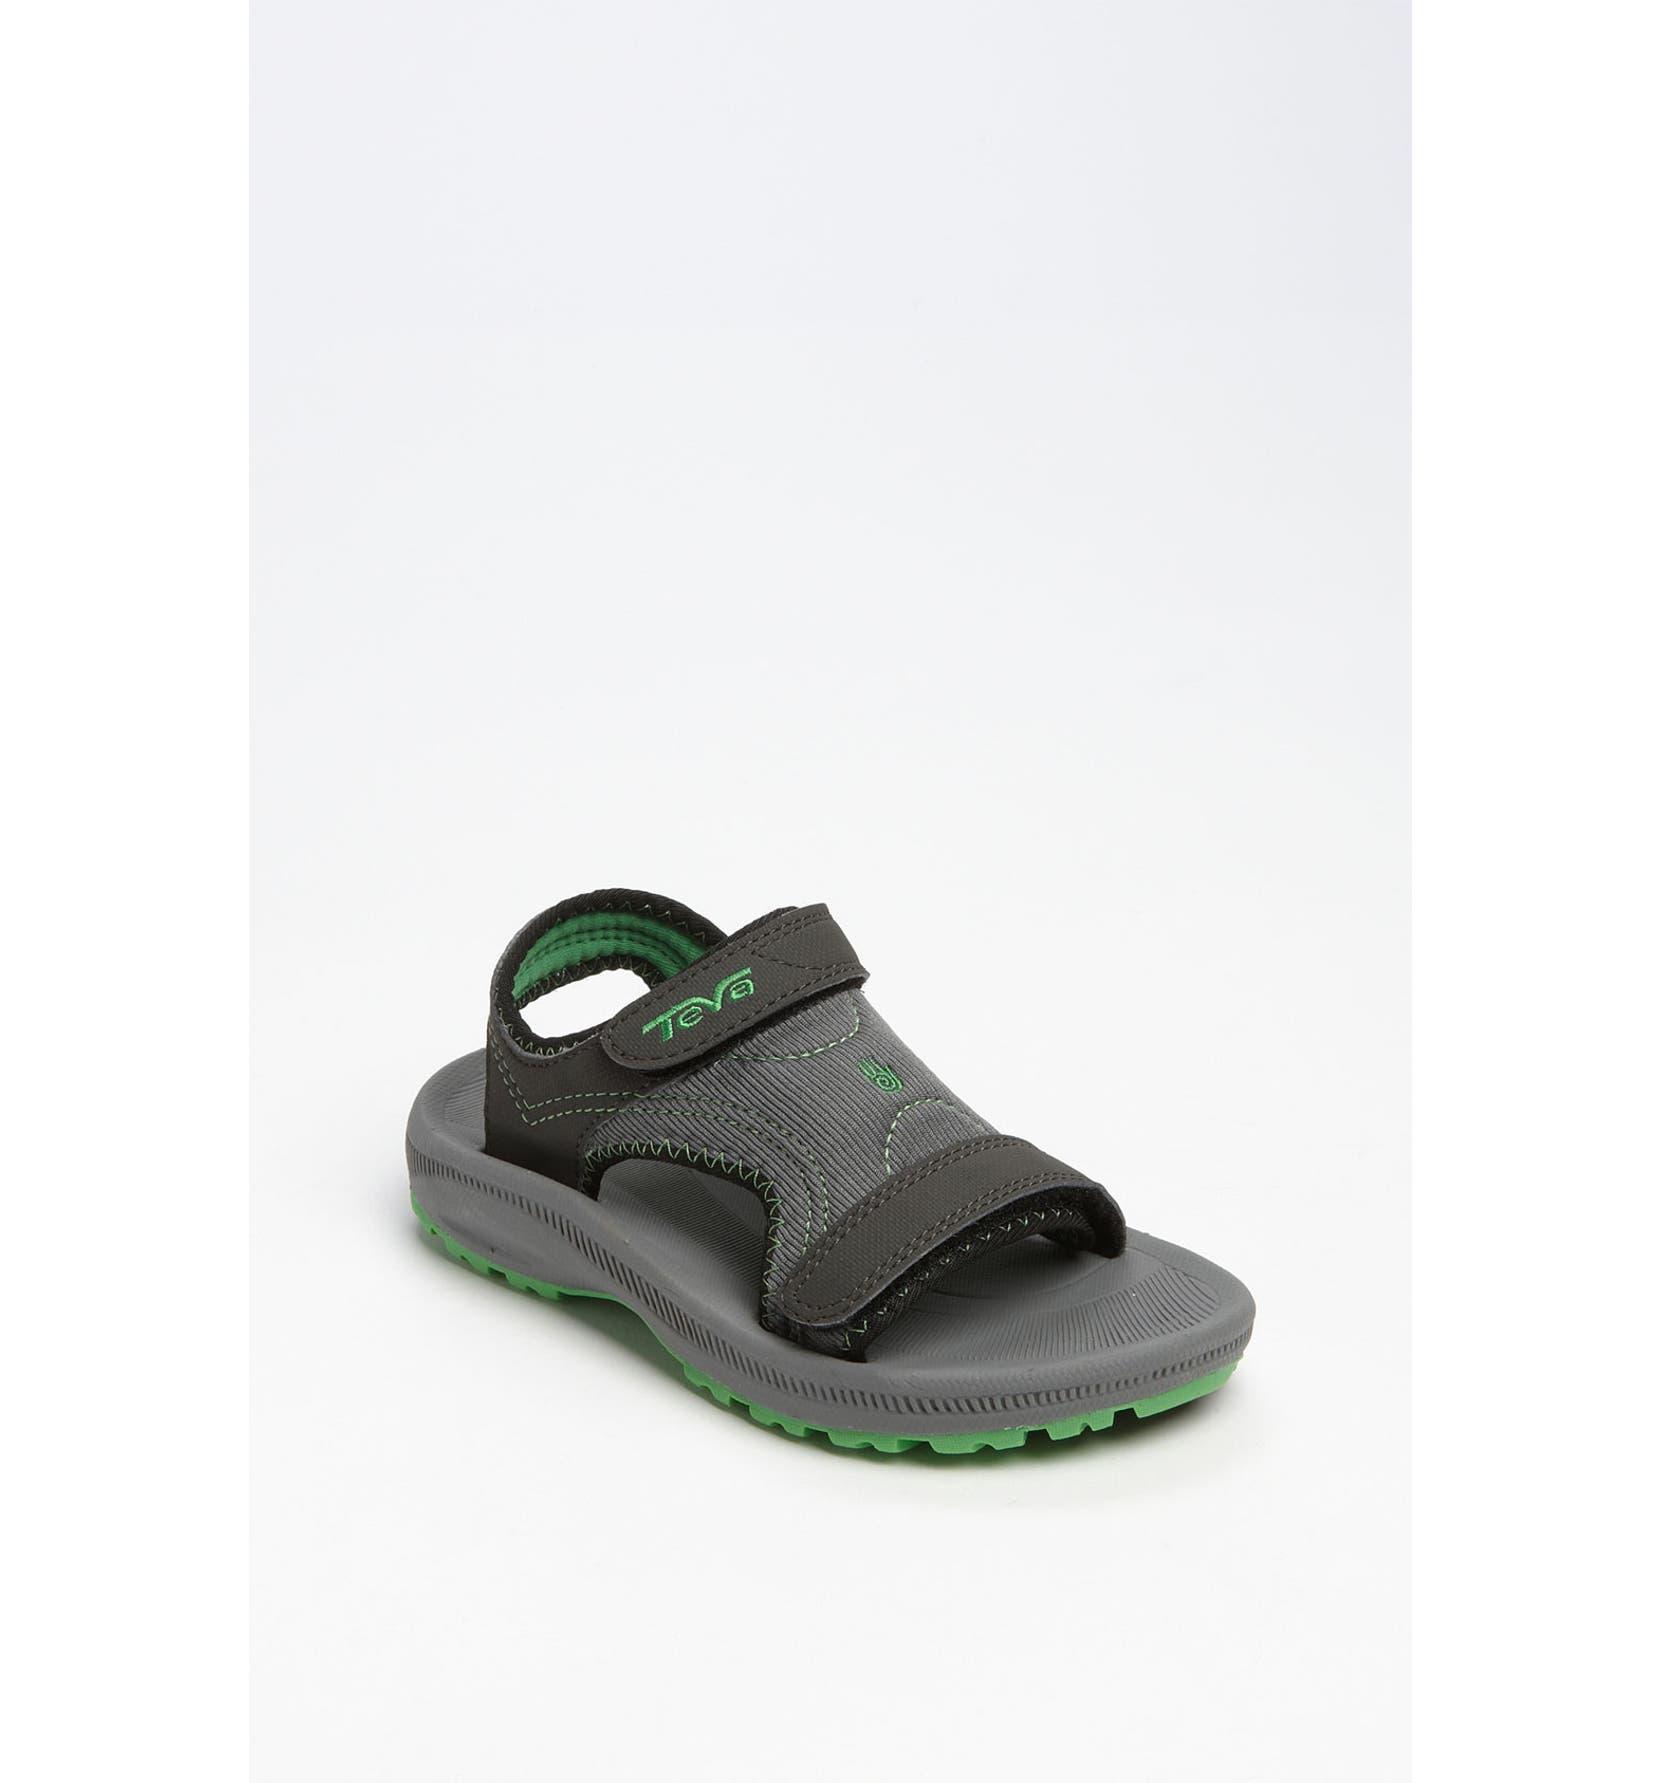 cd2101799df672 Teva  Psyclone  Water Sandal (Toddler